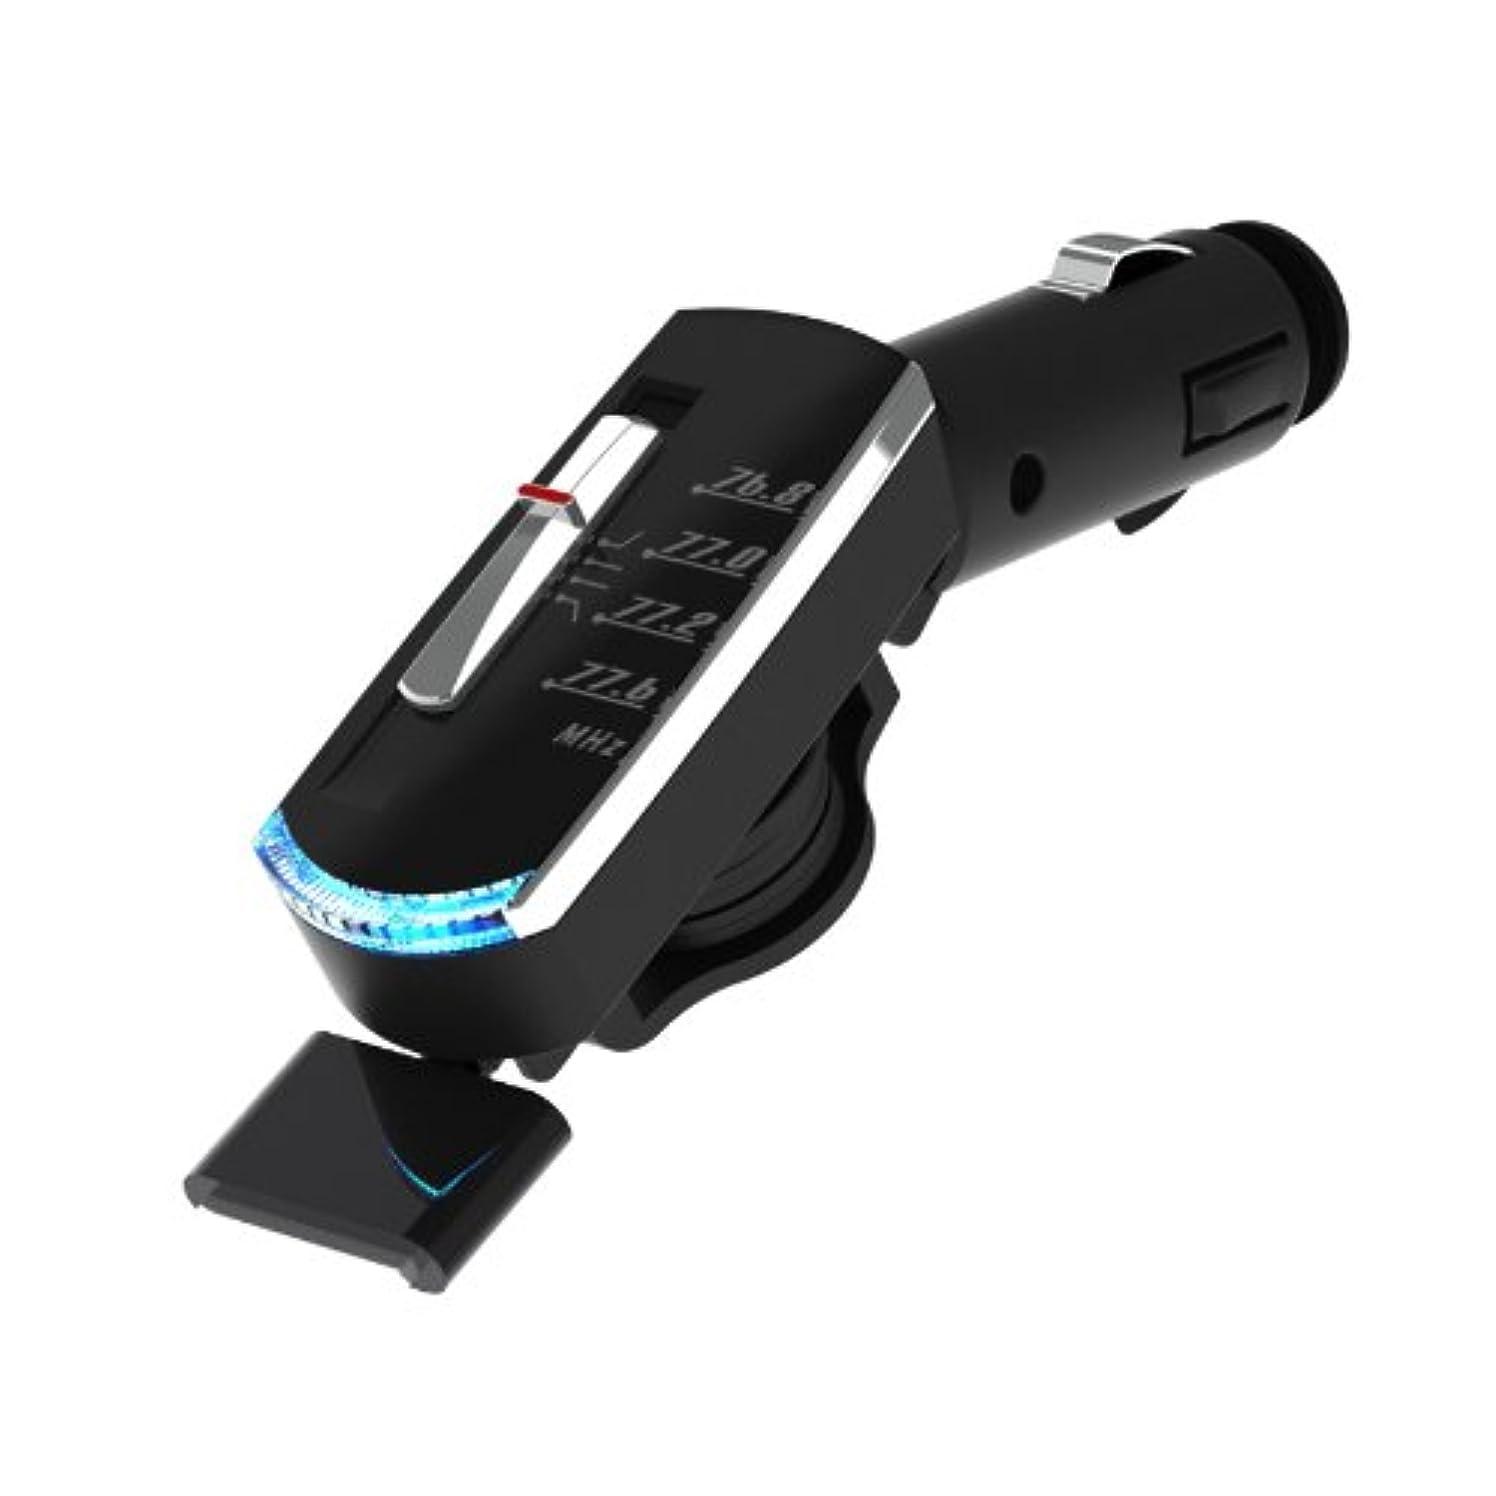 せっかち変動する闇ミラリード 充電リール付FMトランスミッター4CH(iPhone) ブラック 70cm GS-155